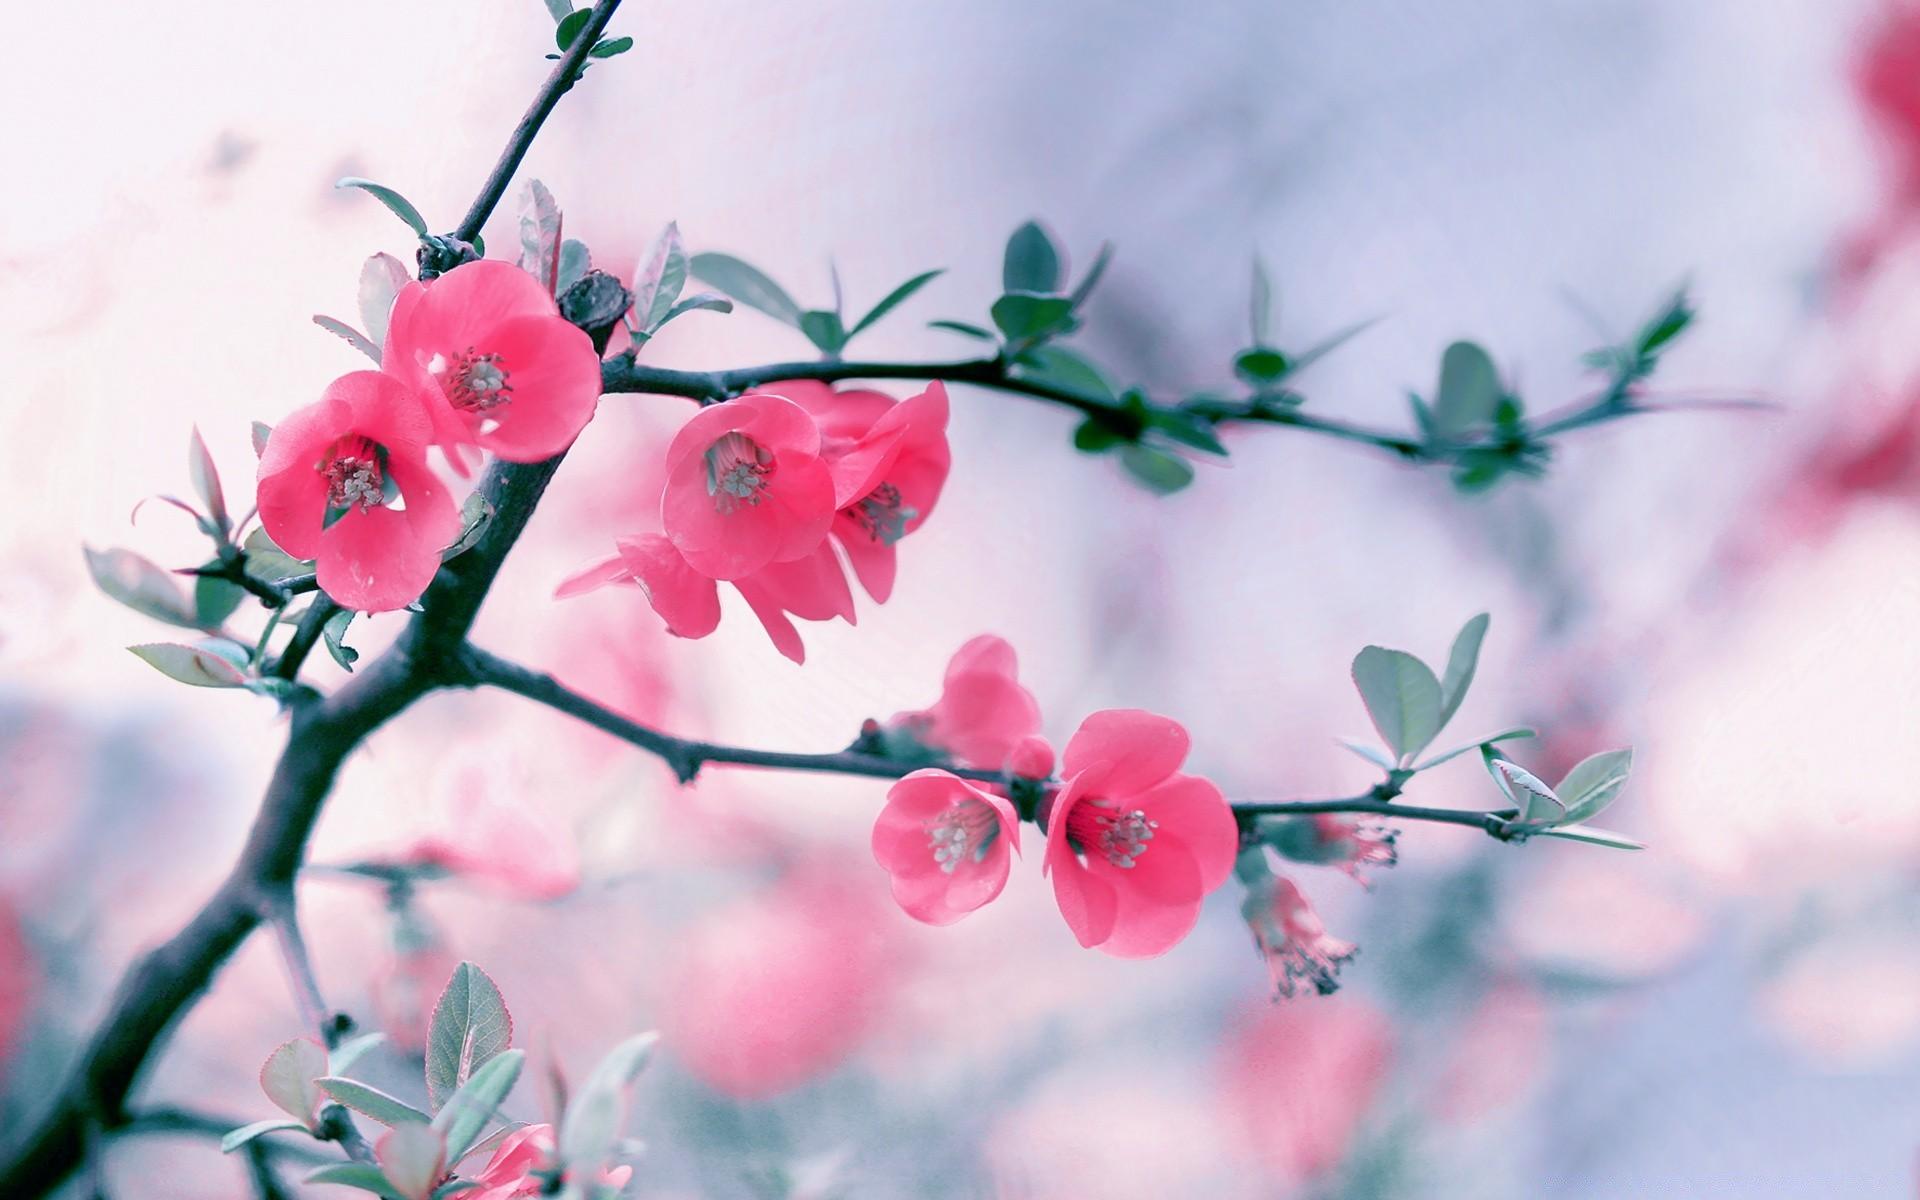 красивые открытки весна на аву протяжении нескольких